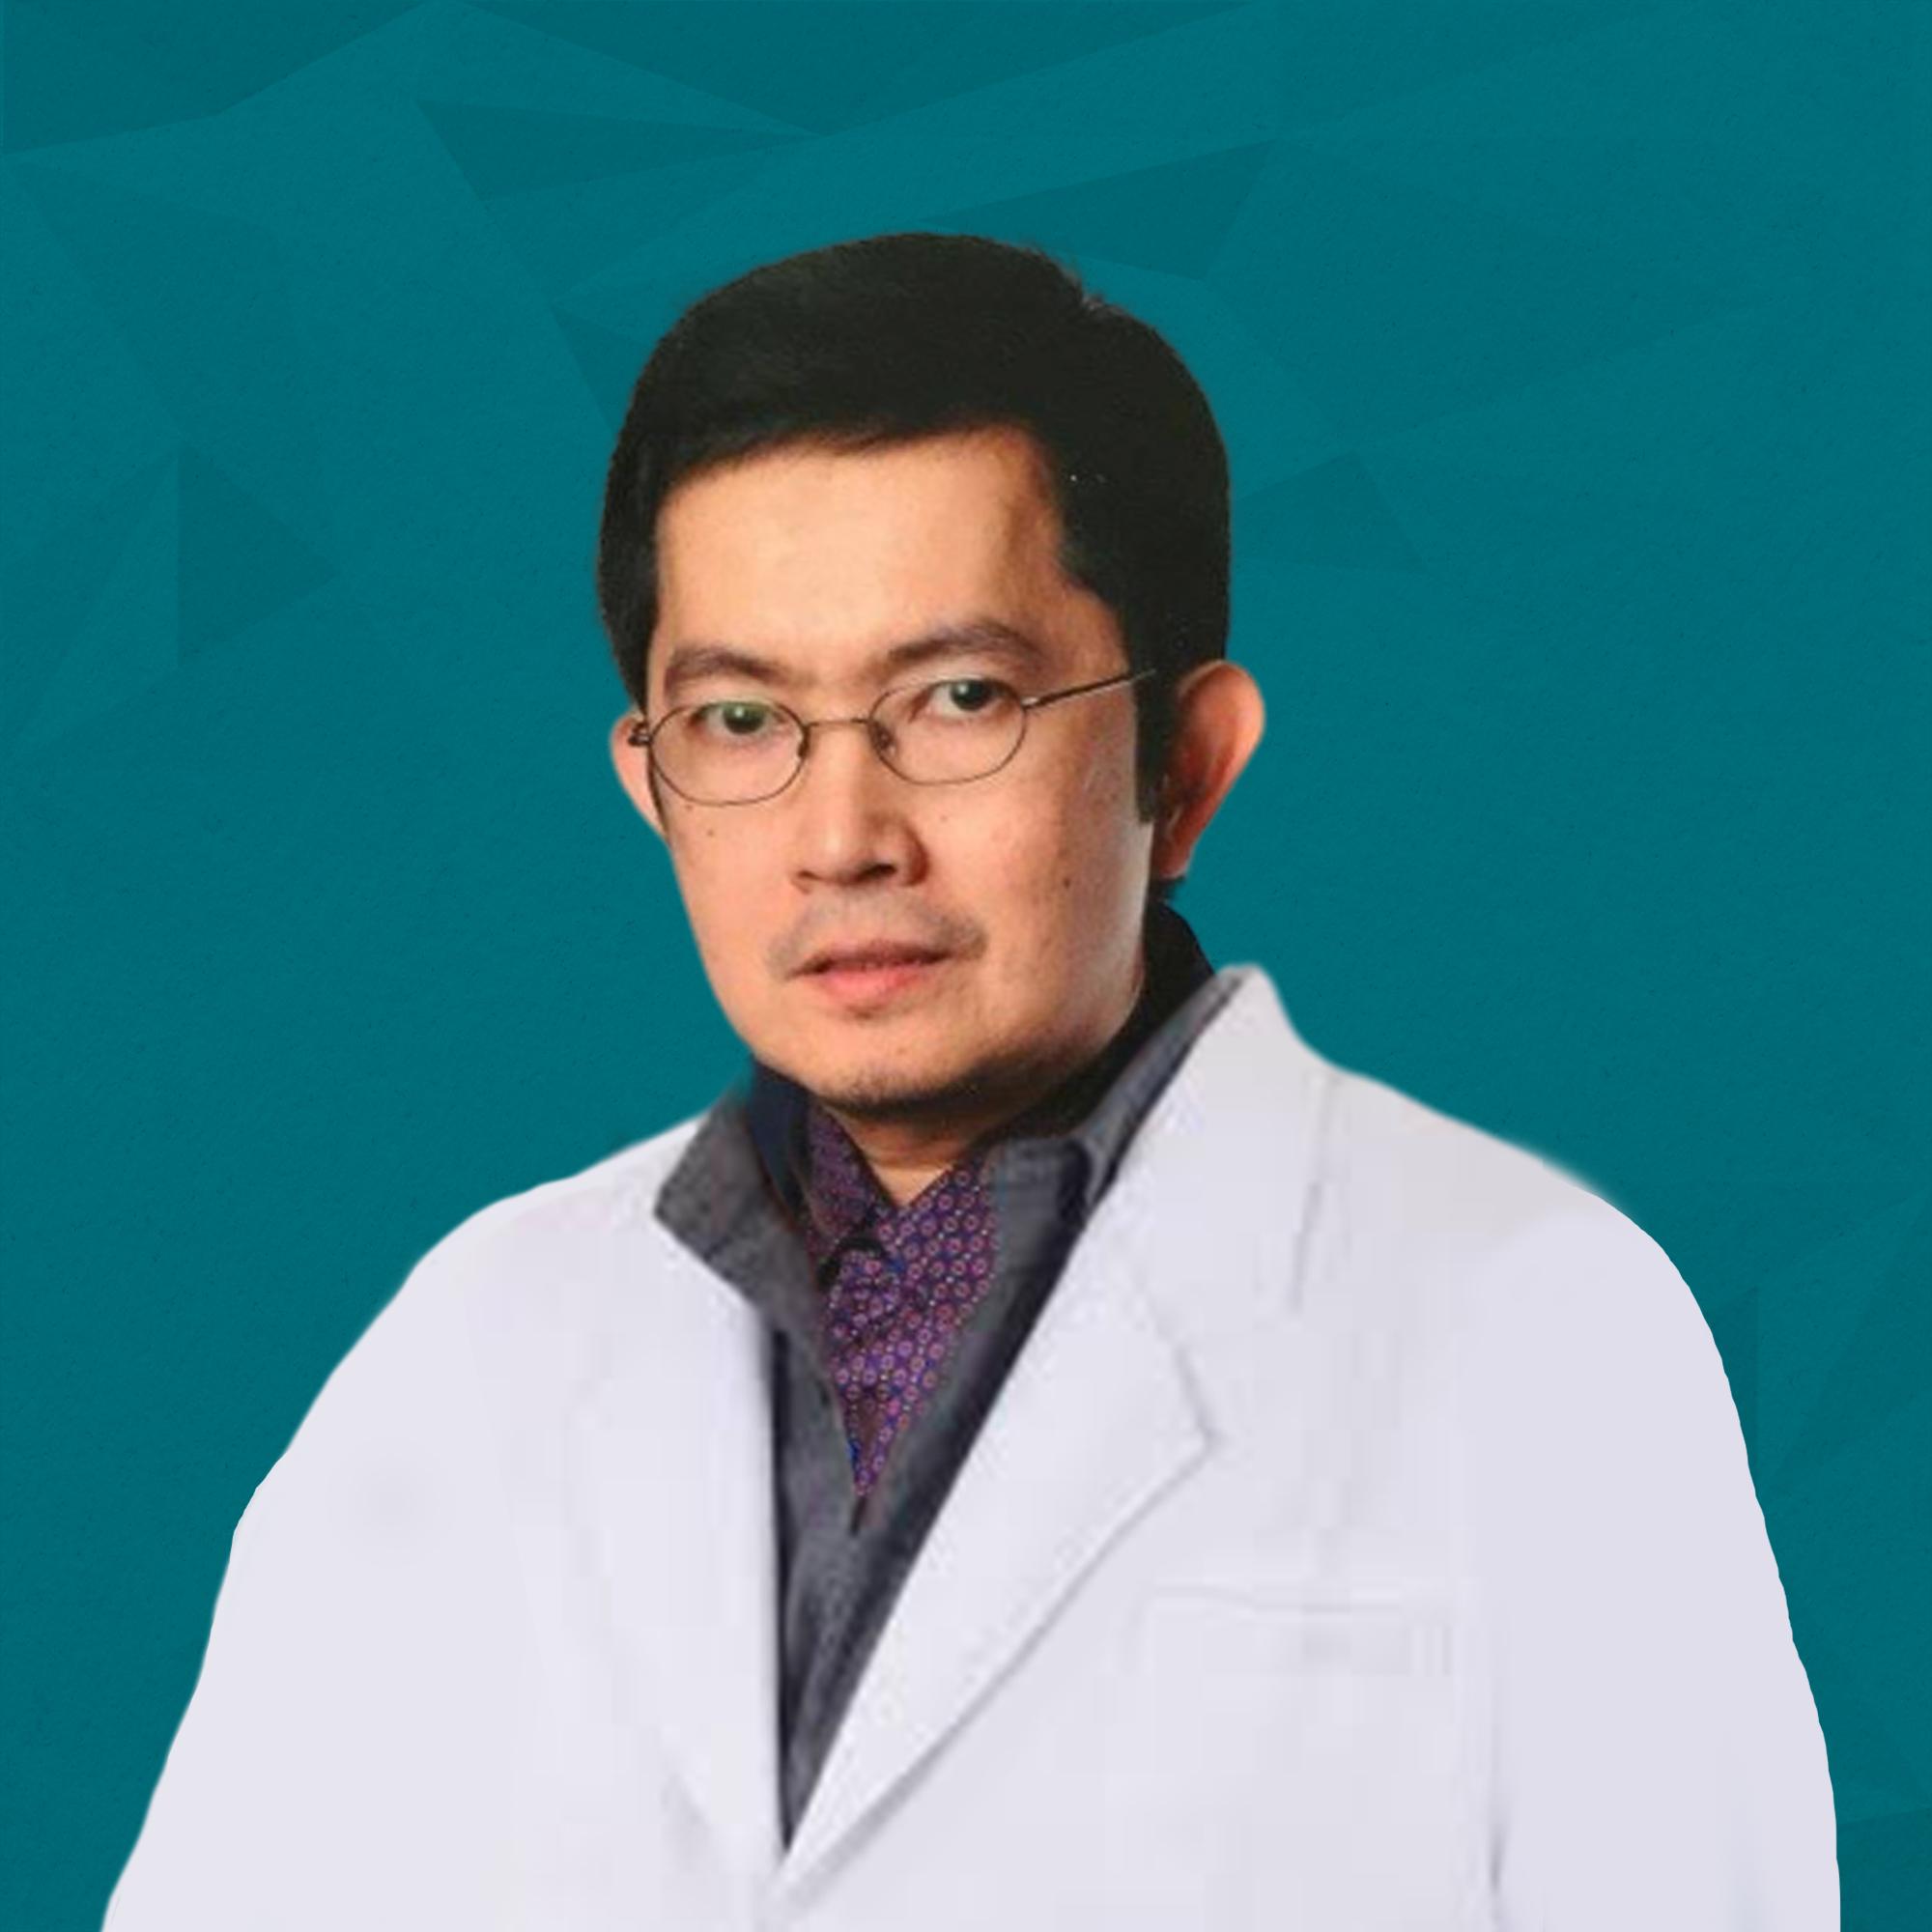 Dr. Ramiro, Renald